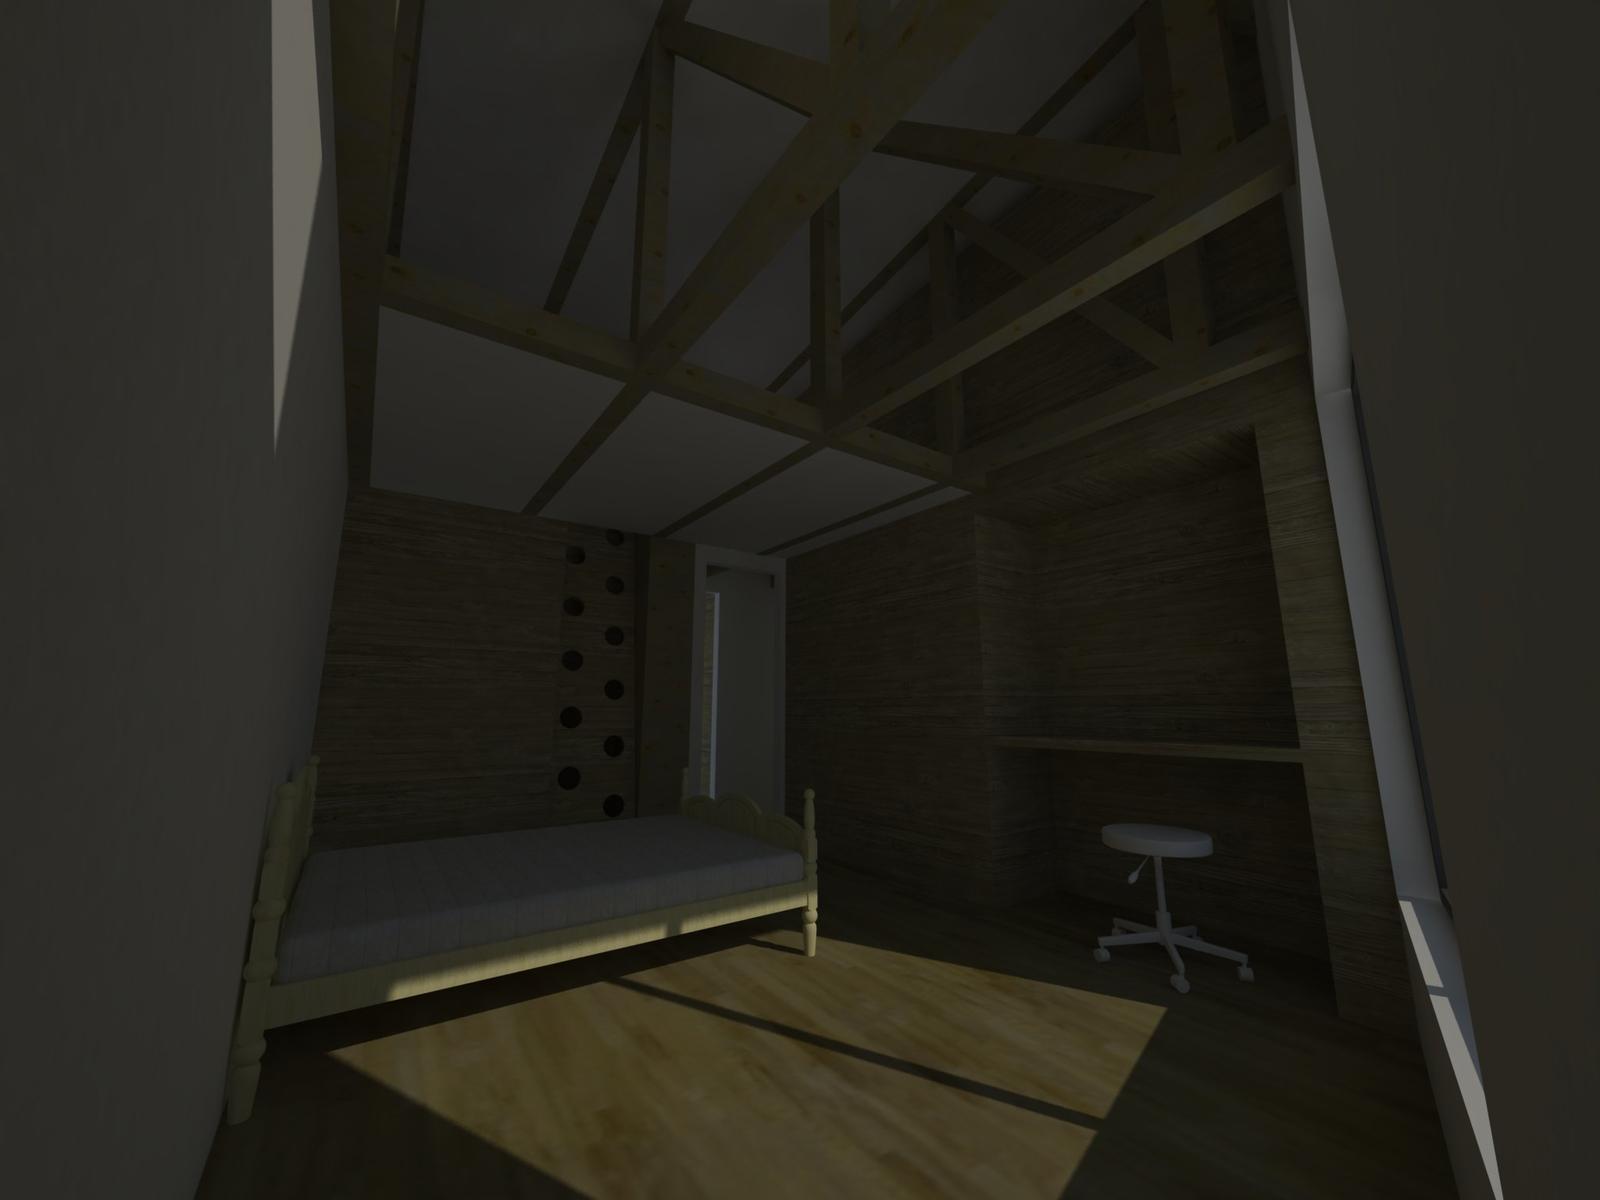 bungalof pri ceresni - Obrázok č. 6